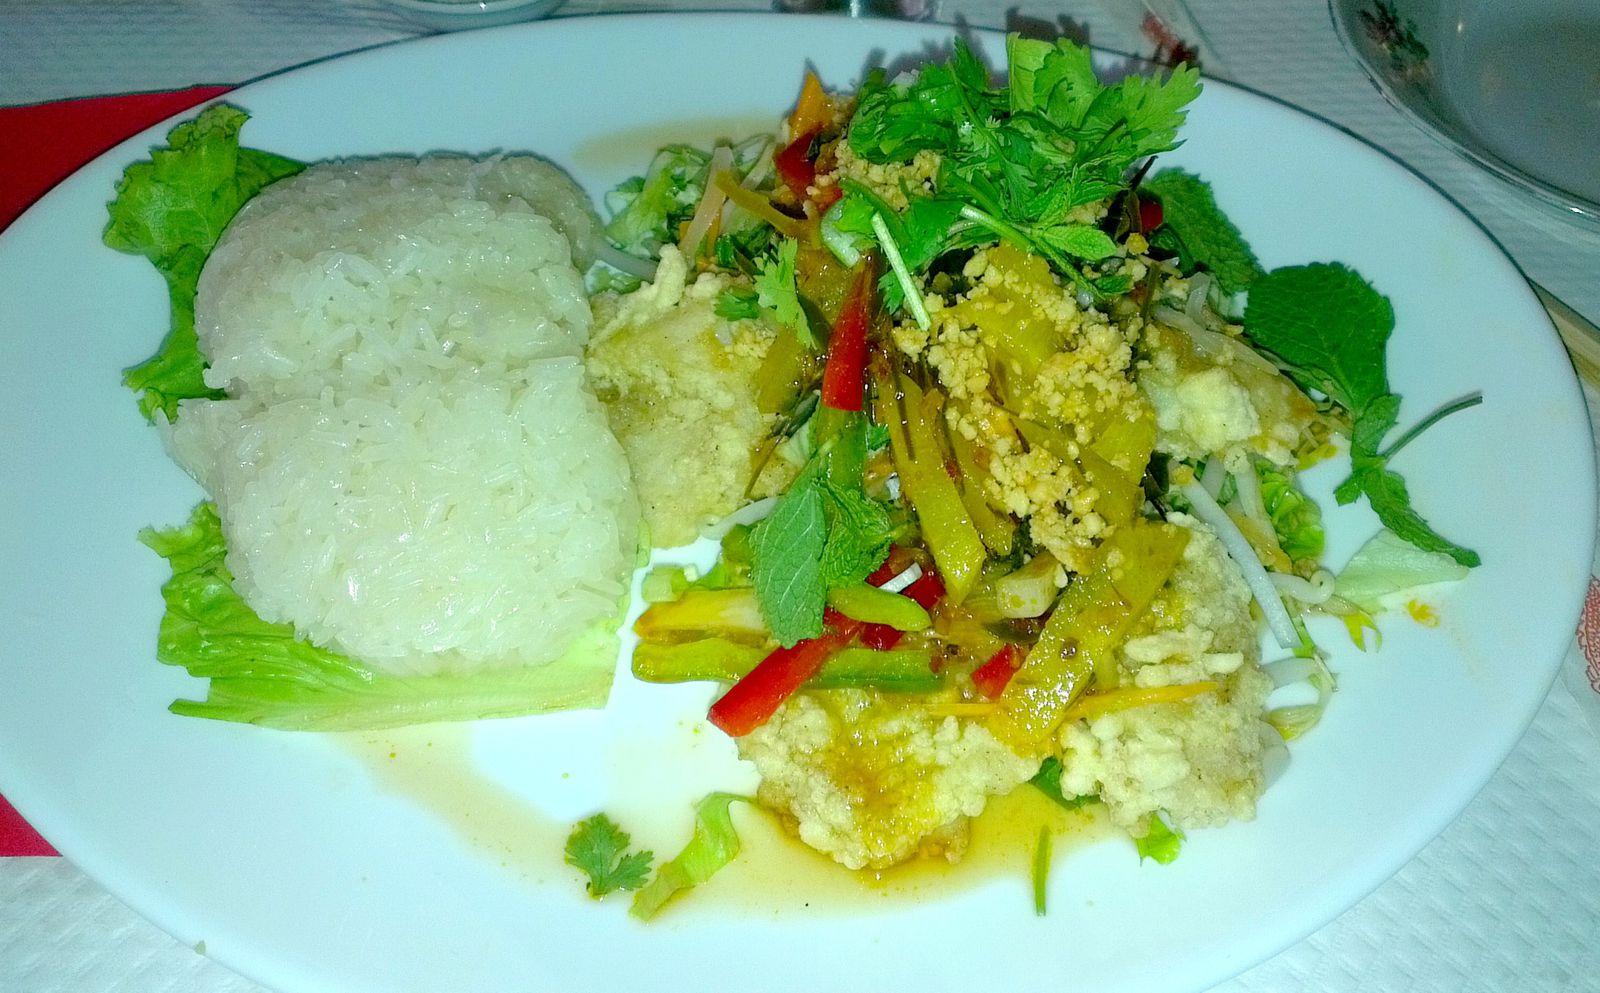 Salade de papaye ♥, Poisson napla sauce piquante et riz gluant, Mok pa (poisson vapeur coco parfumé au galanga cuit à la vapeur dans une feuille de bananier) ♥.